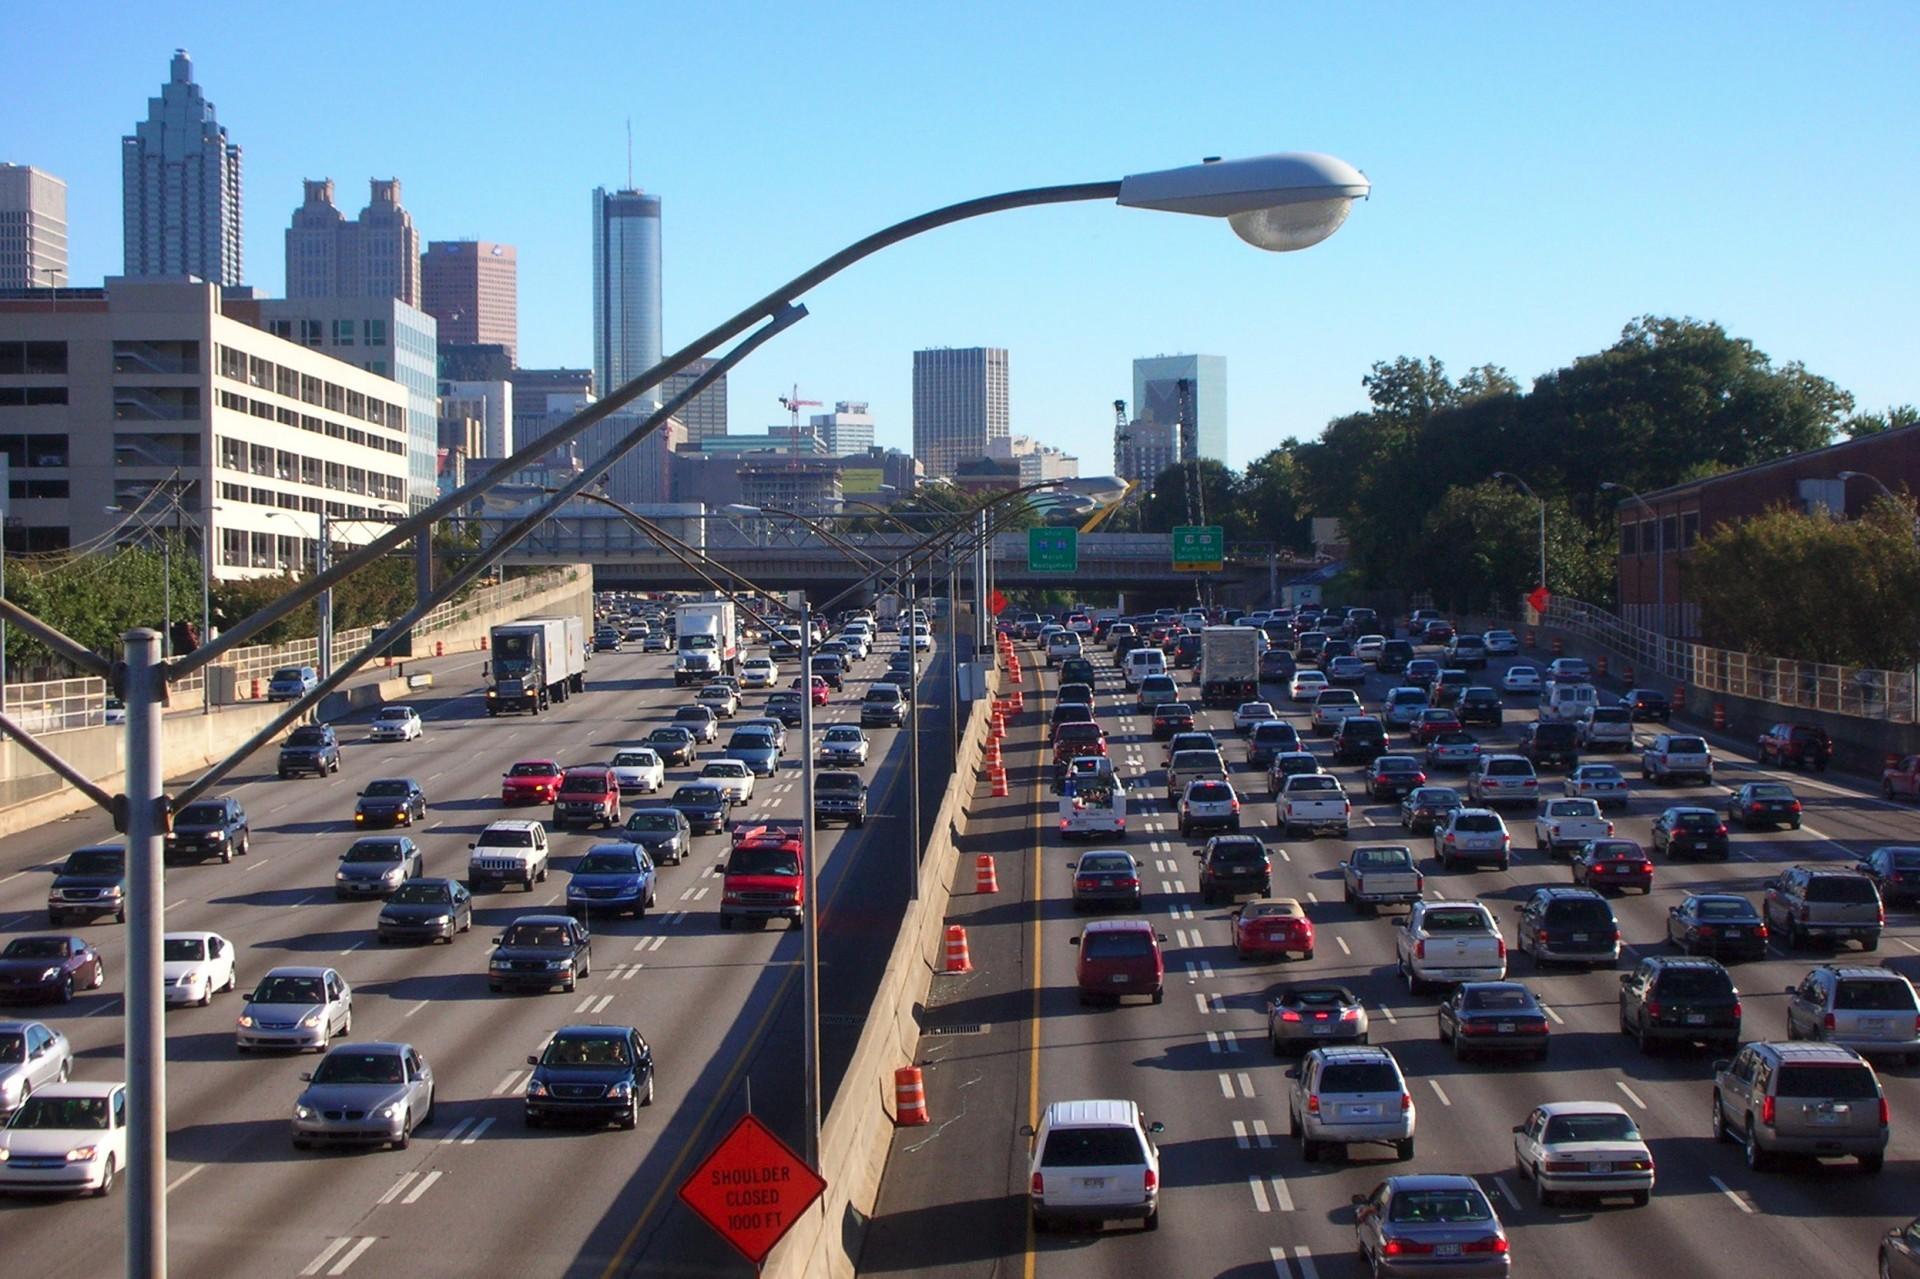 Исследование: электромобилями можно заменить 87% машин на дорогах - 1